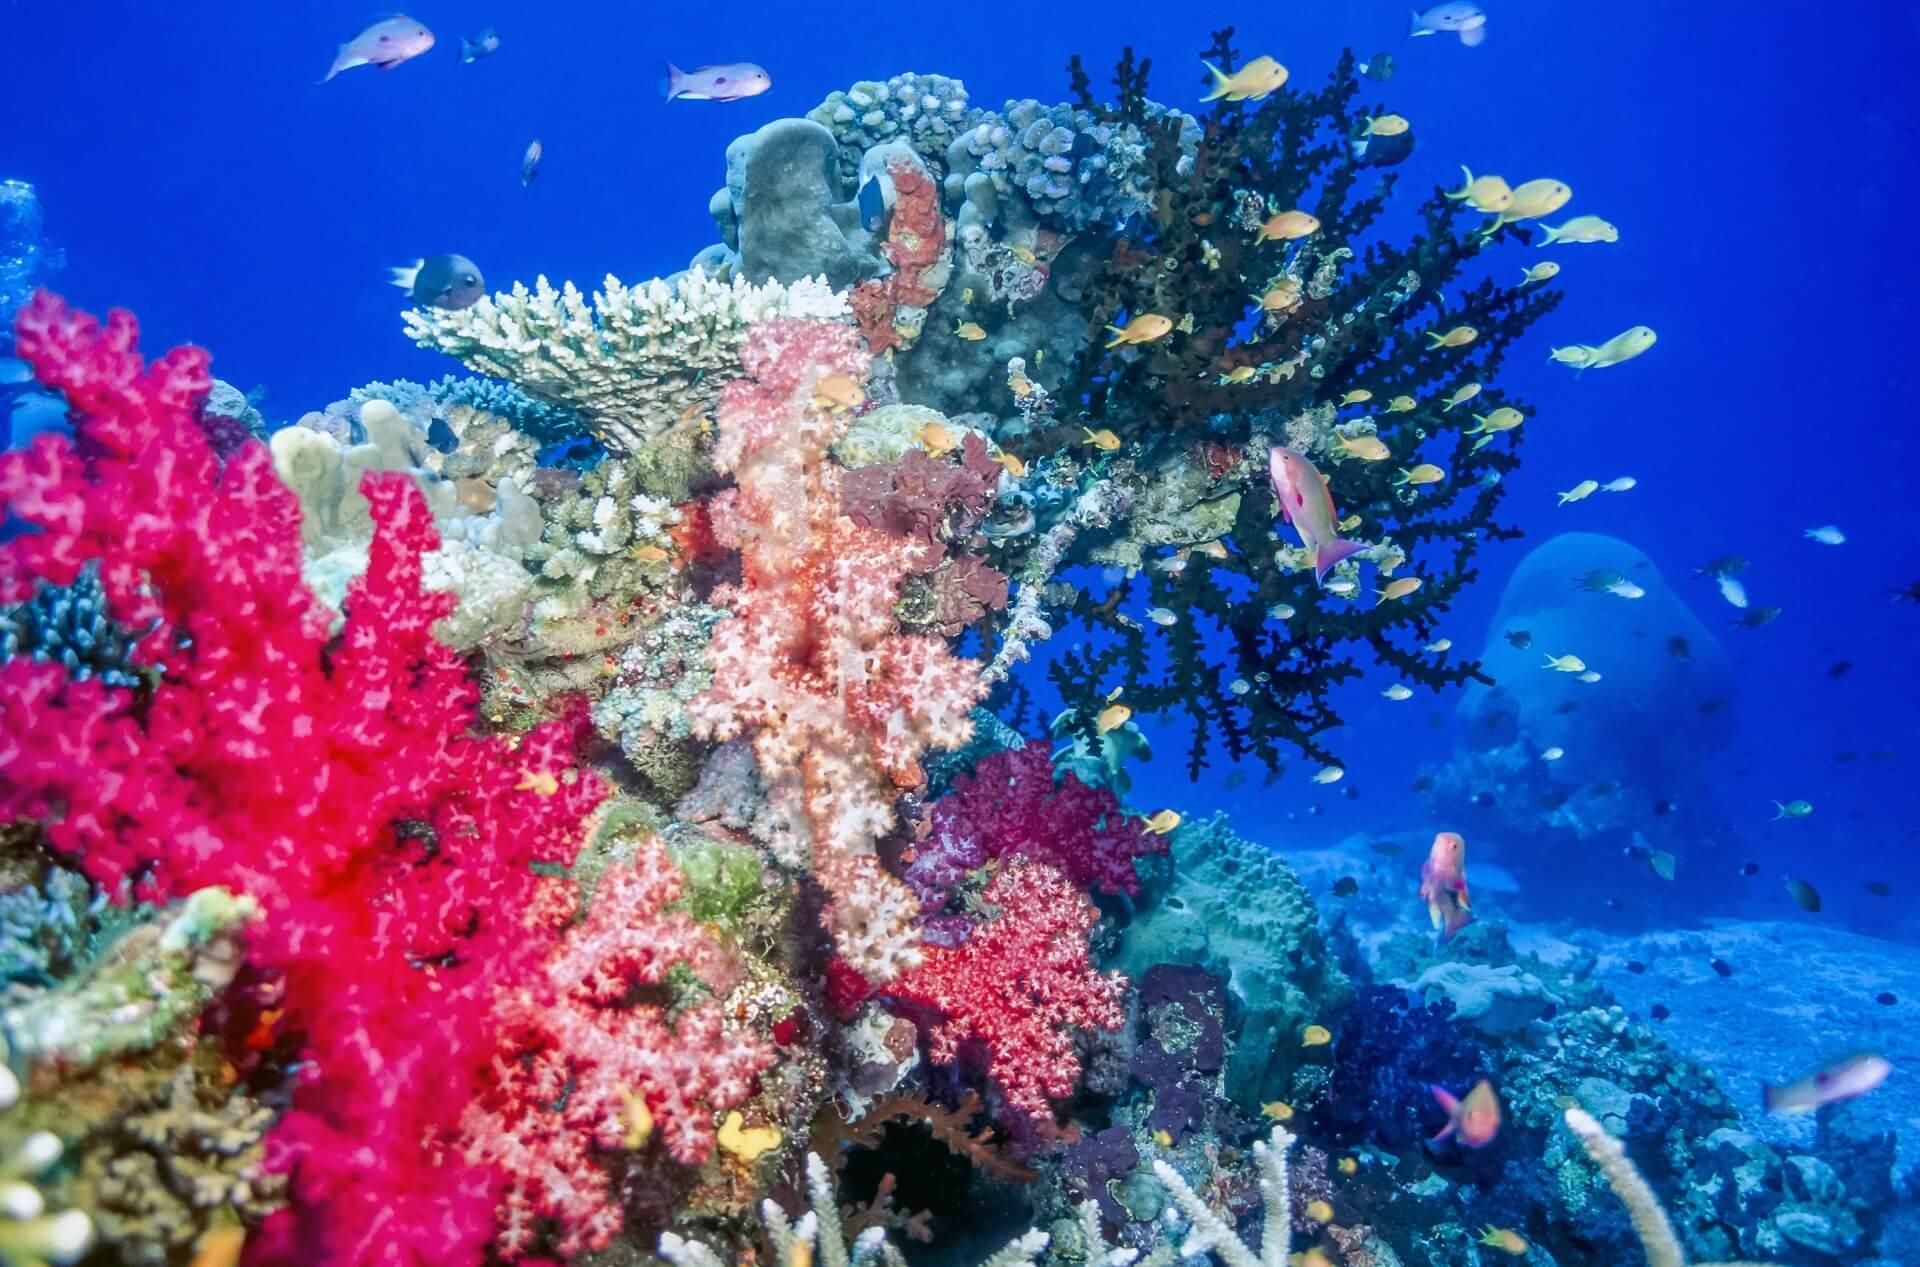 Auch die Unterwasserwelt auf den Fidschi Inseln ist wunderschön